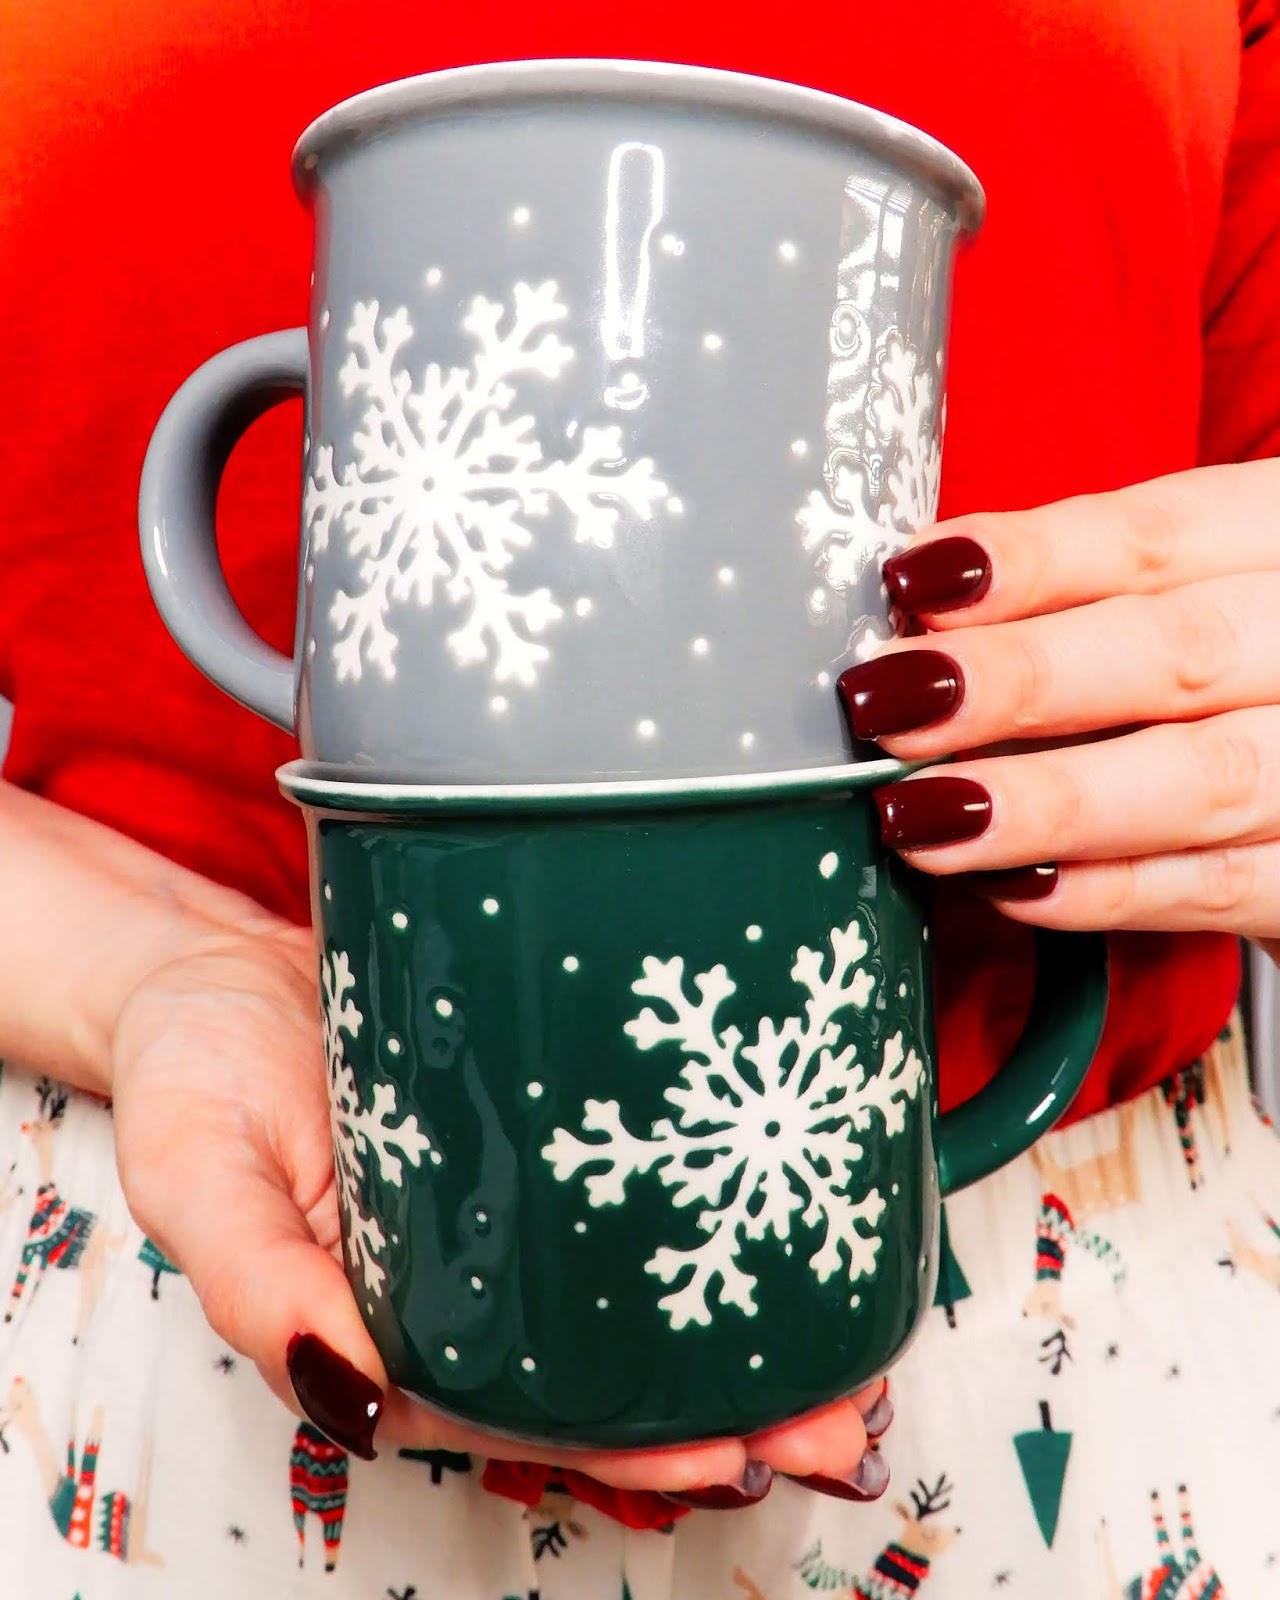 świąteczny kubek Homla, świąteczne inspiracje, świąteczna piżama primark,